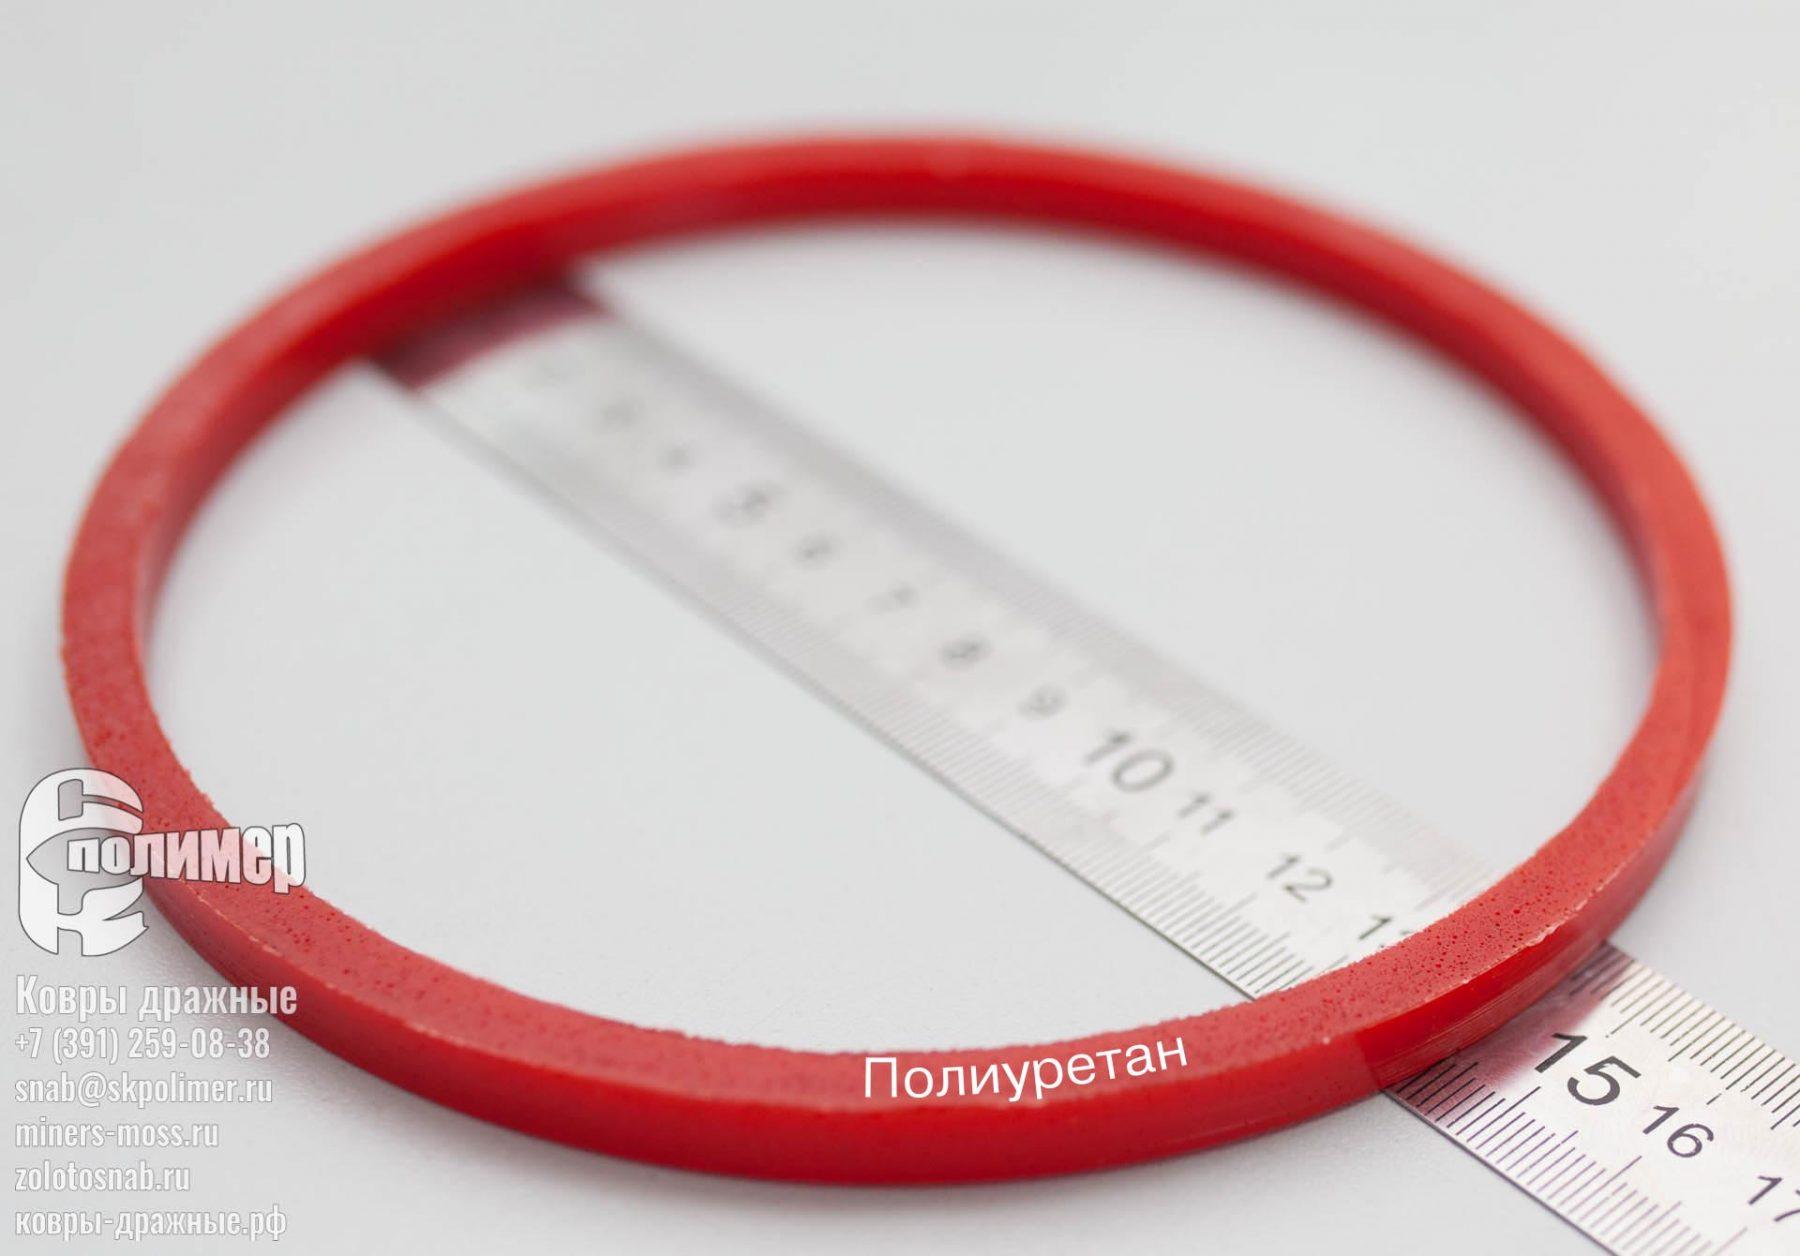 кольцо для буровой установки diamec